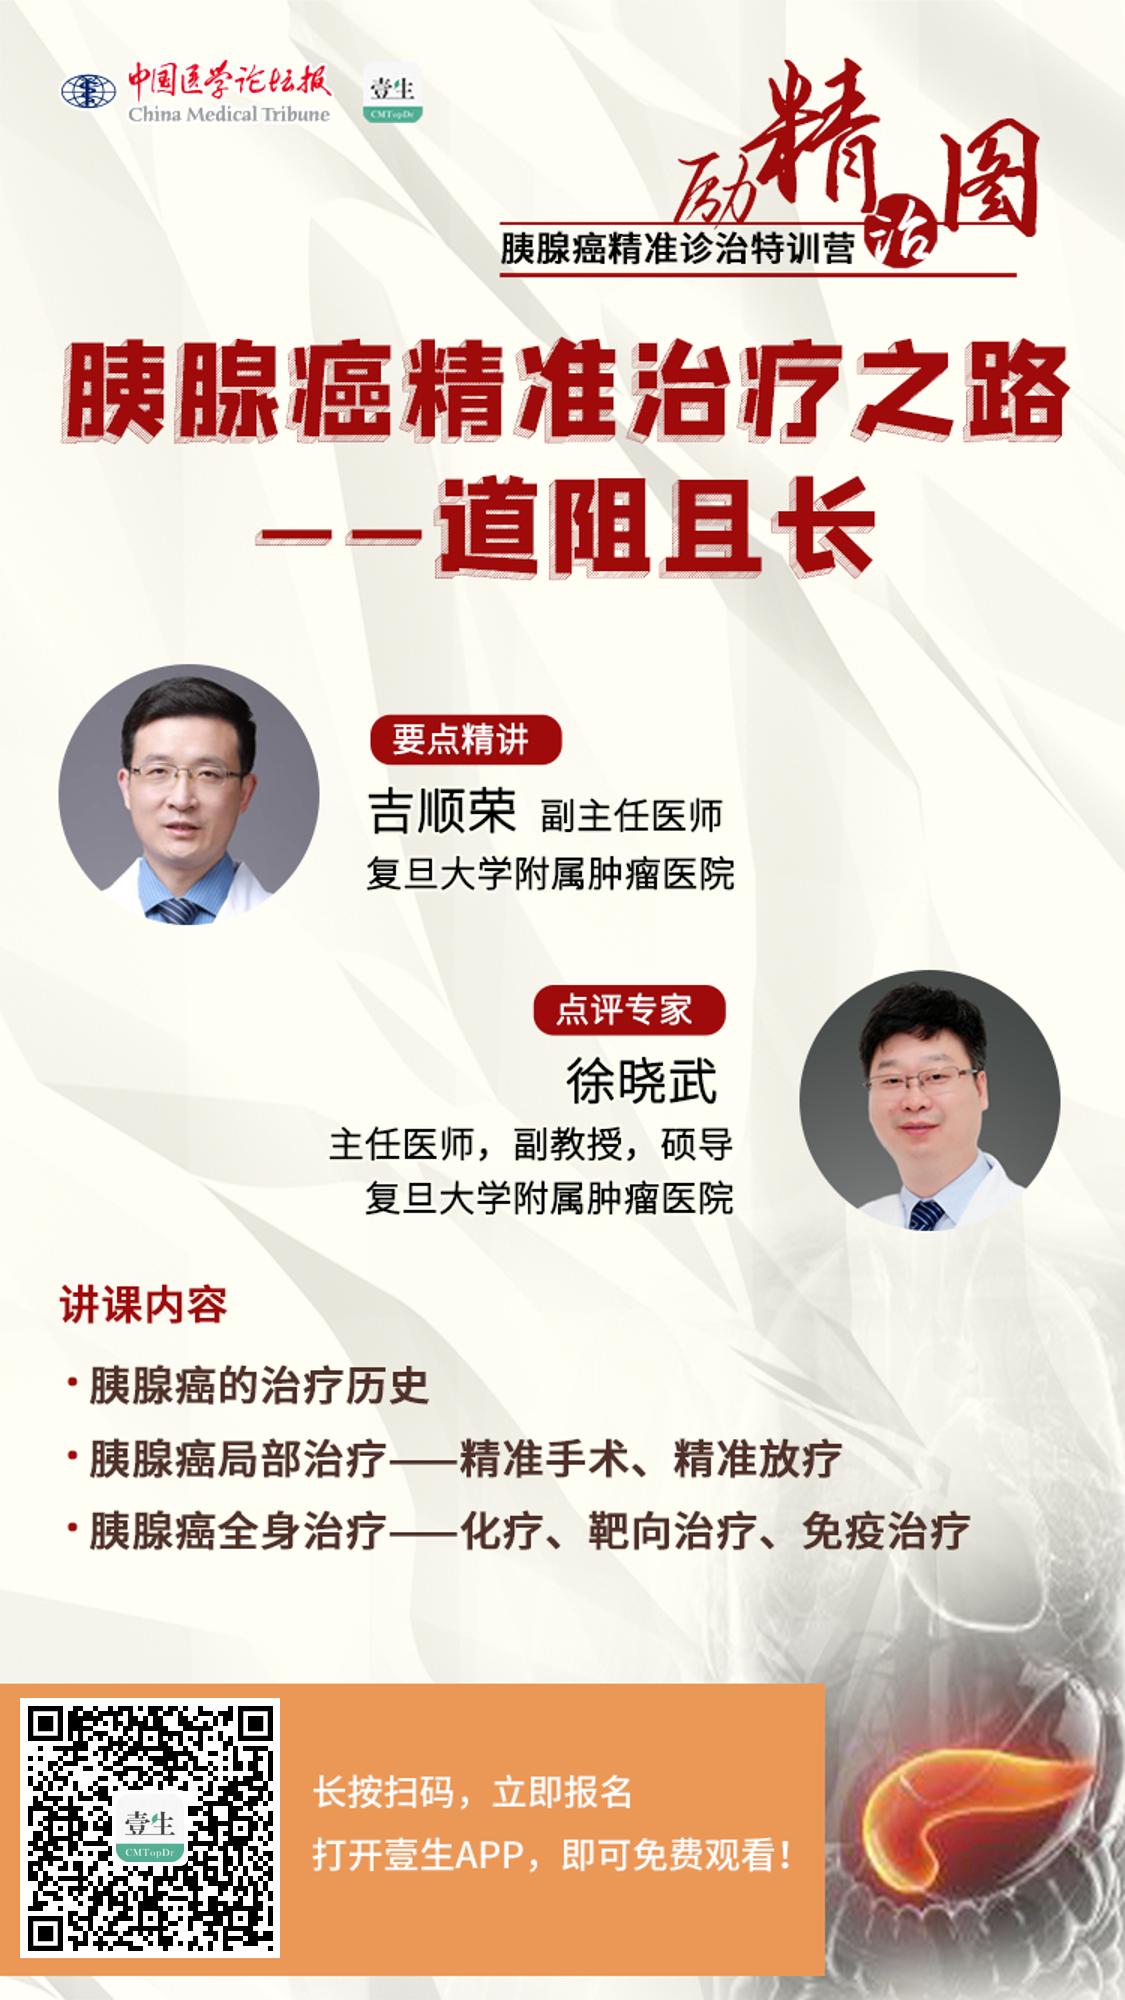 5海报5 吉顺荣-徐晓武.png